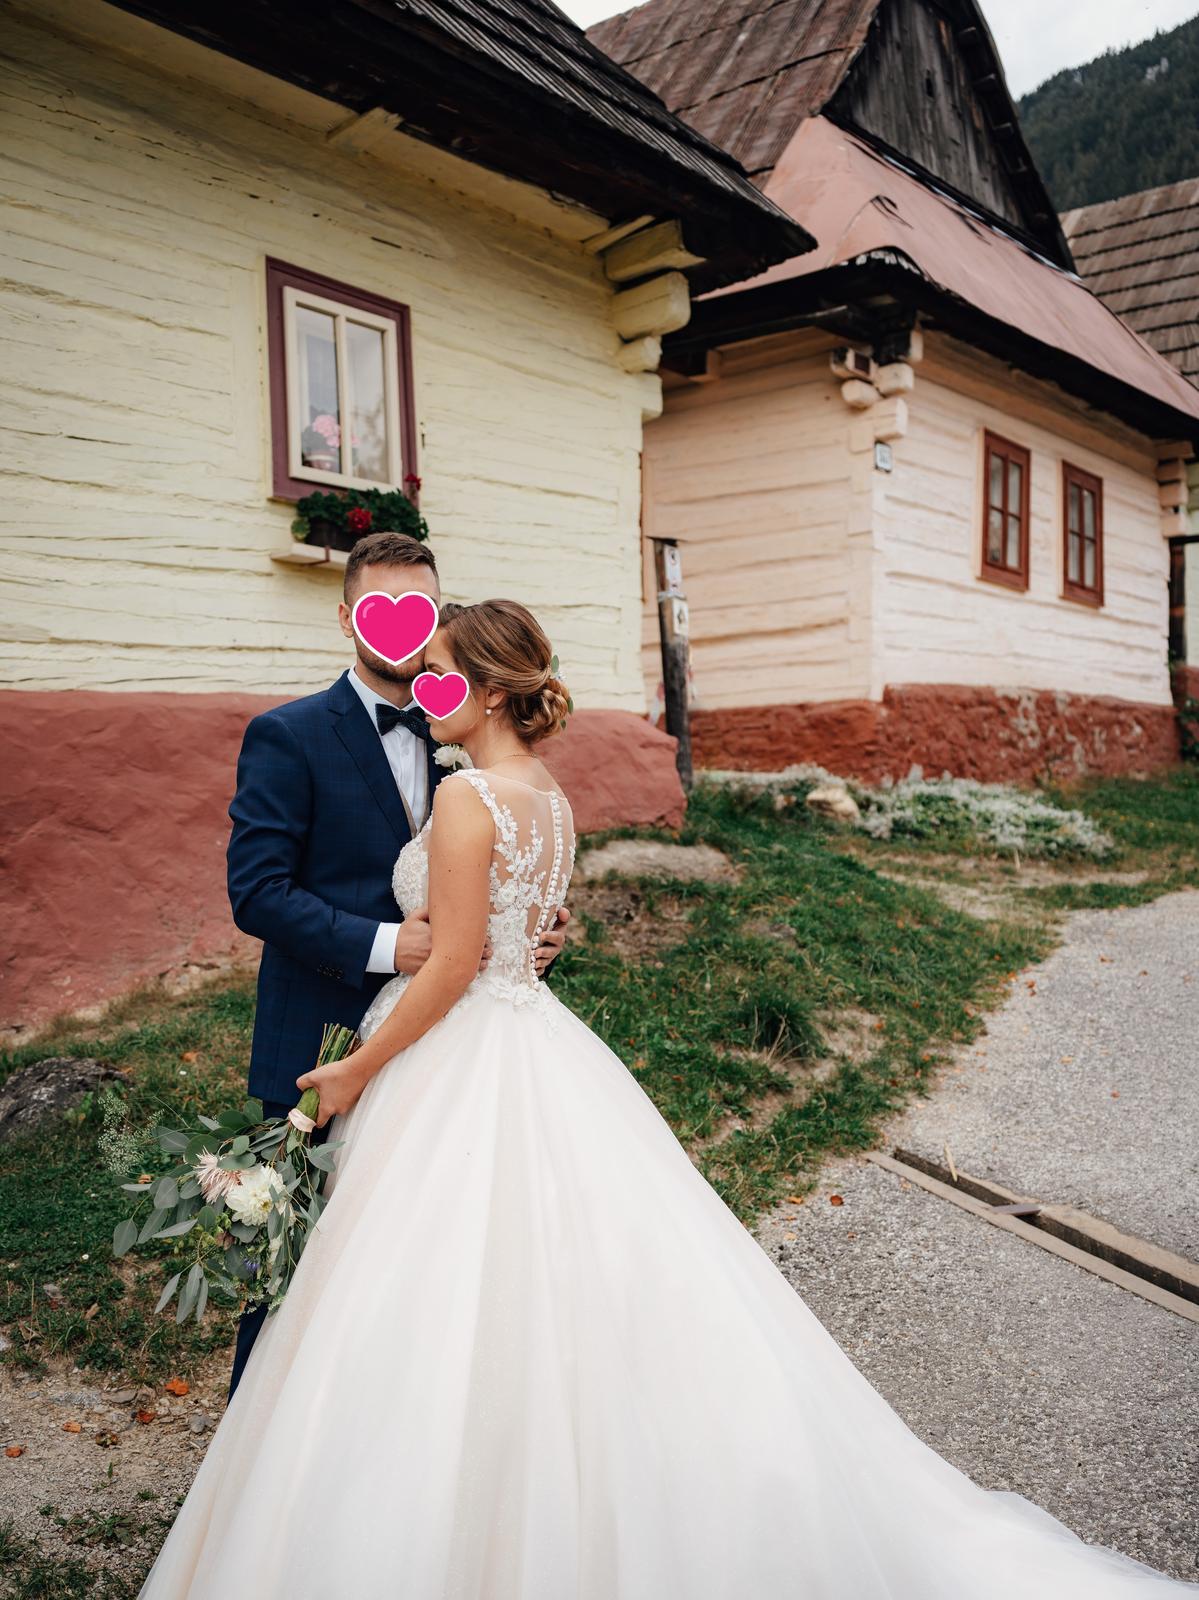 Svatební šaty - Elody Linda - Obrázek č. 1